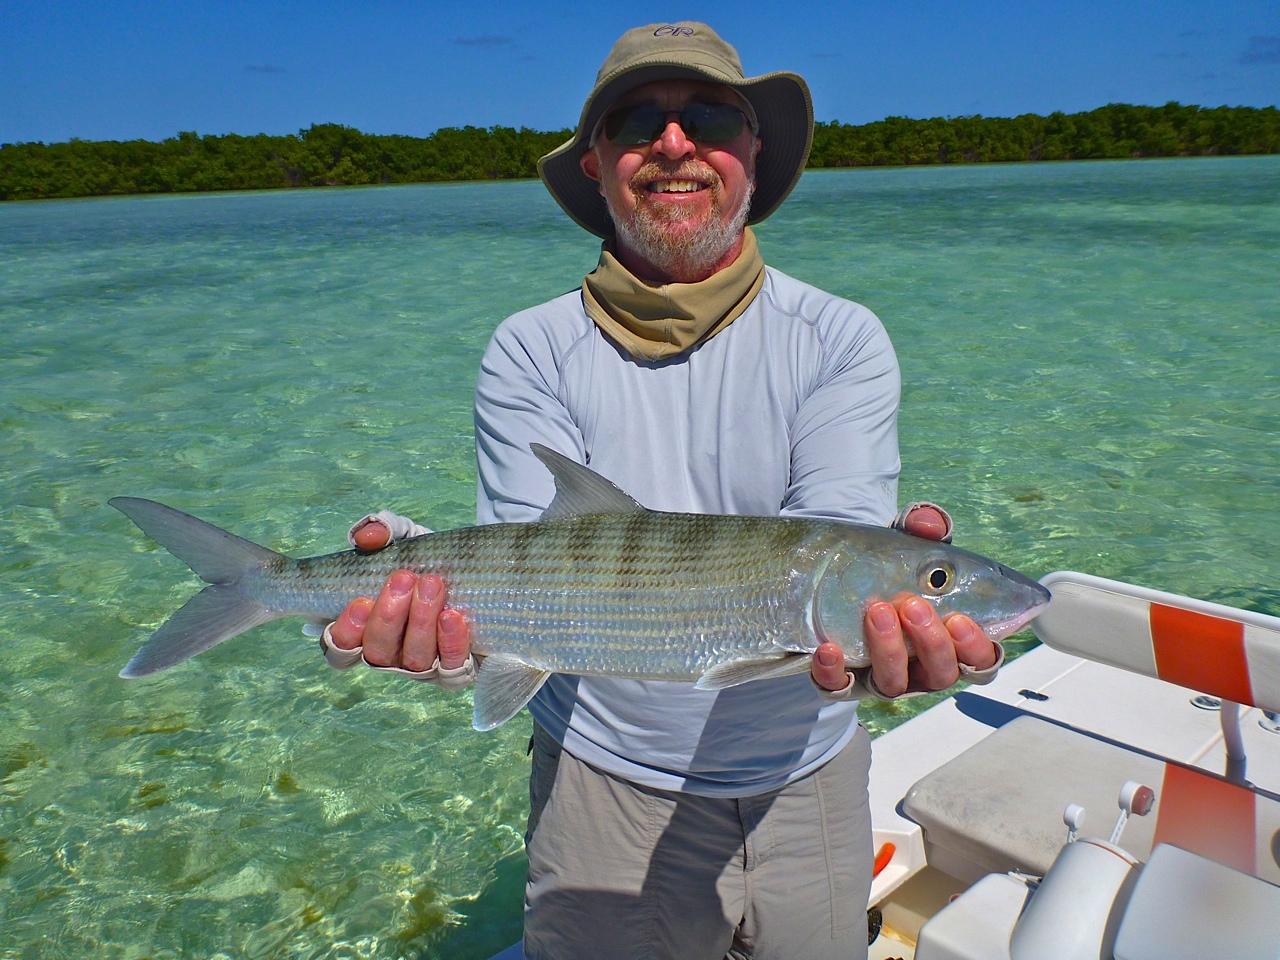 Anegada bonefishing bvi fly fishing trip charters for Virgin islands fishing